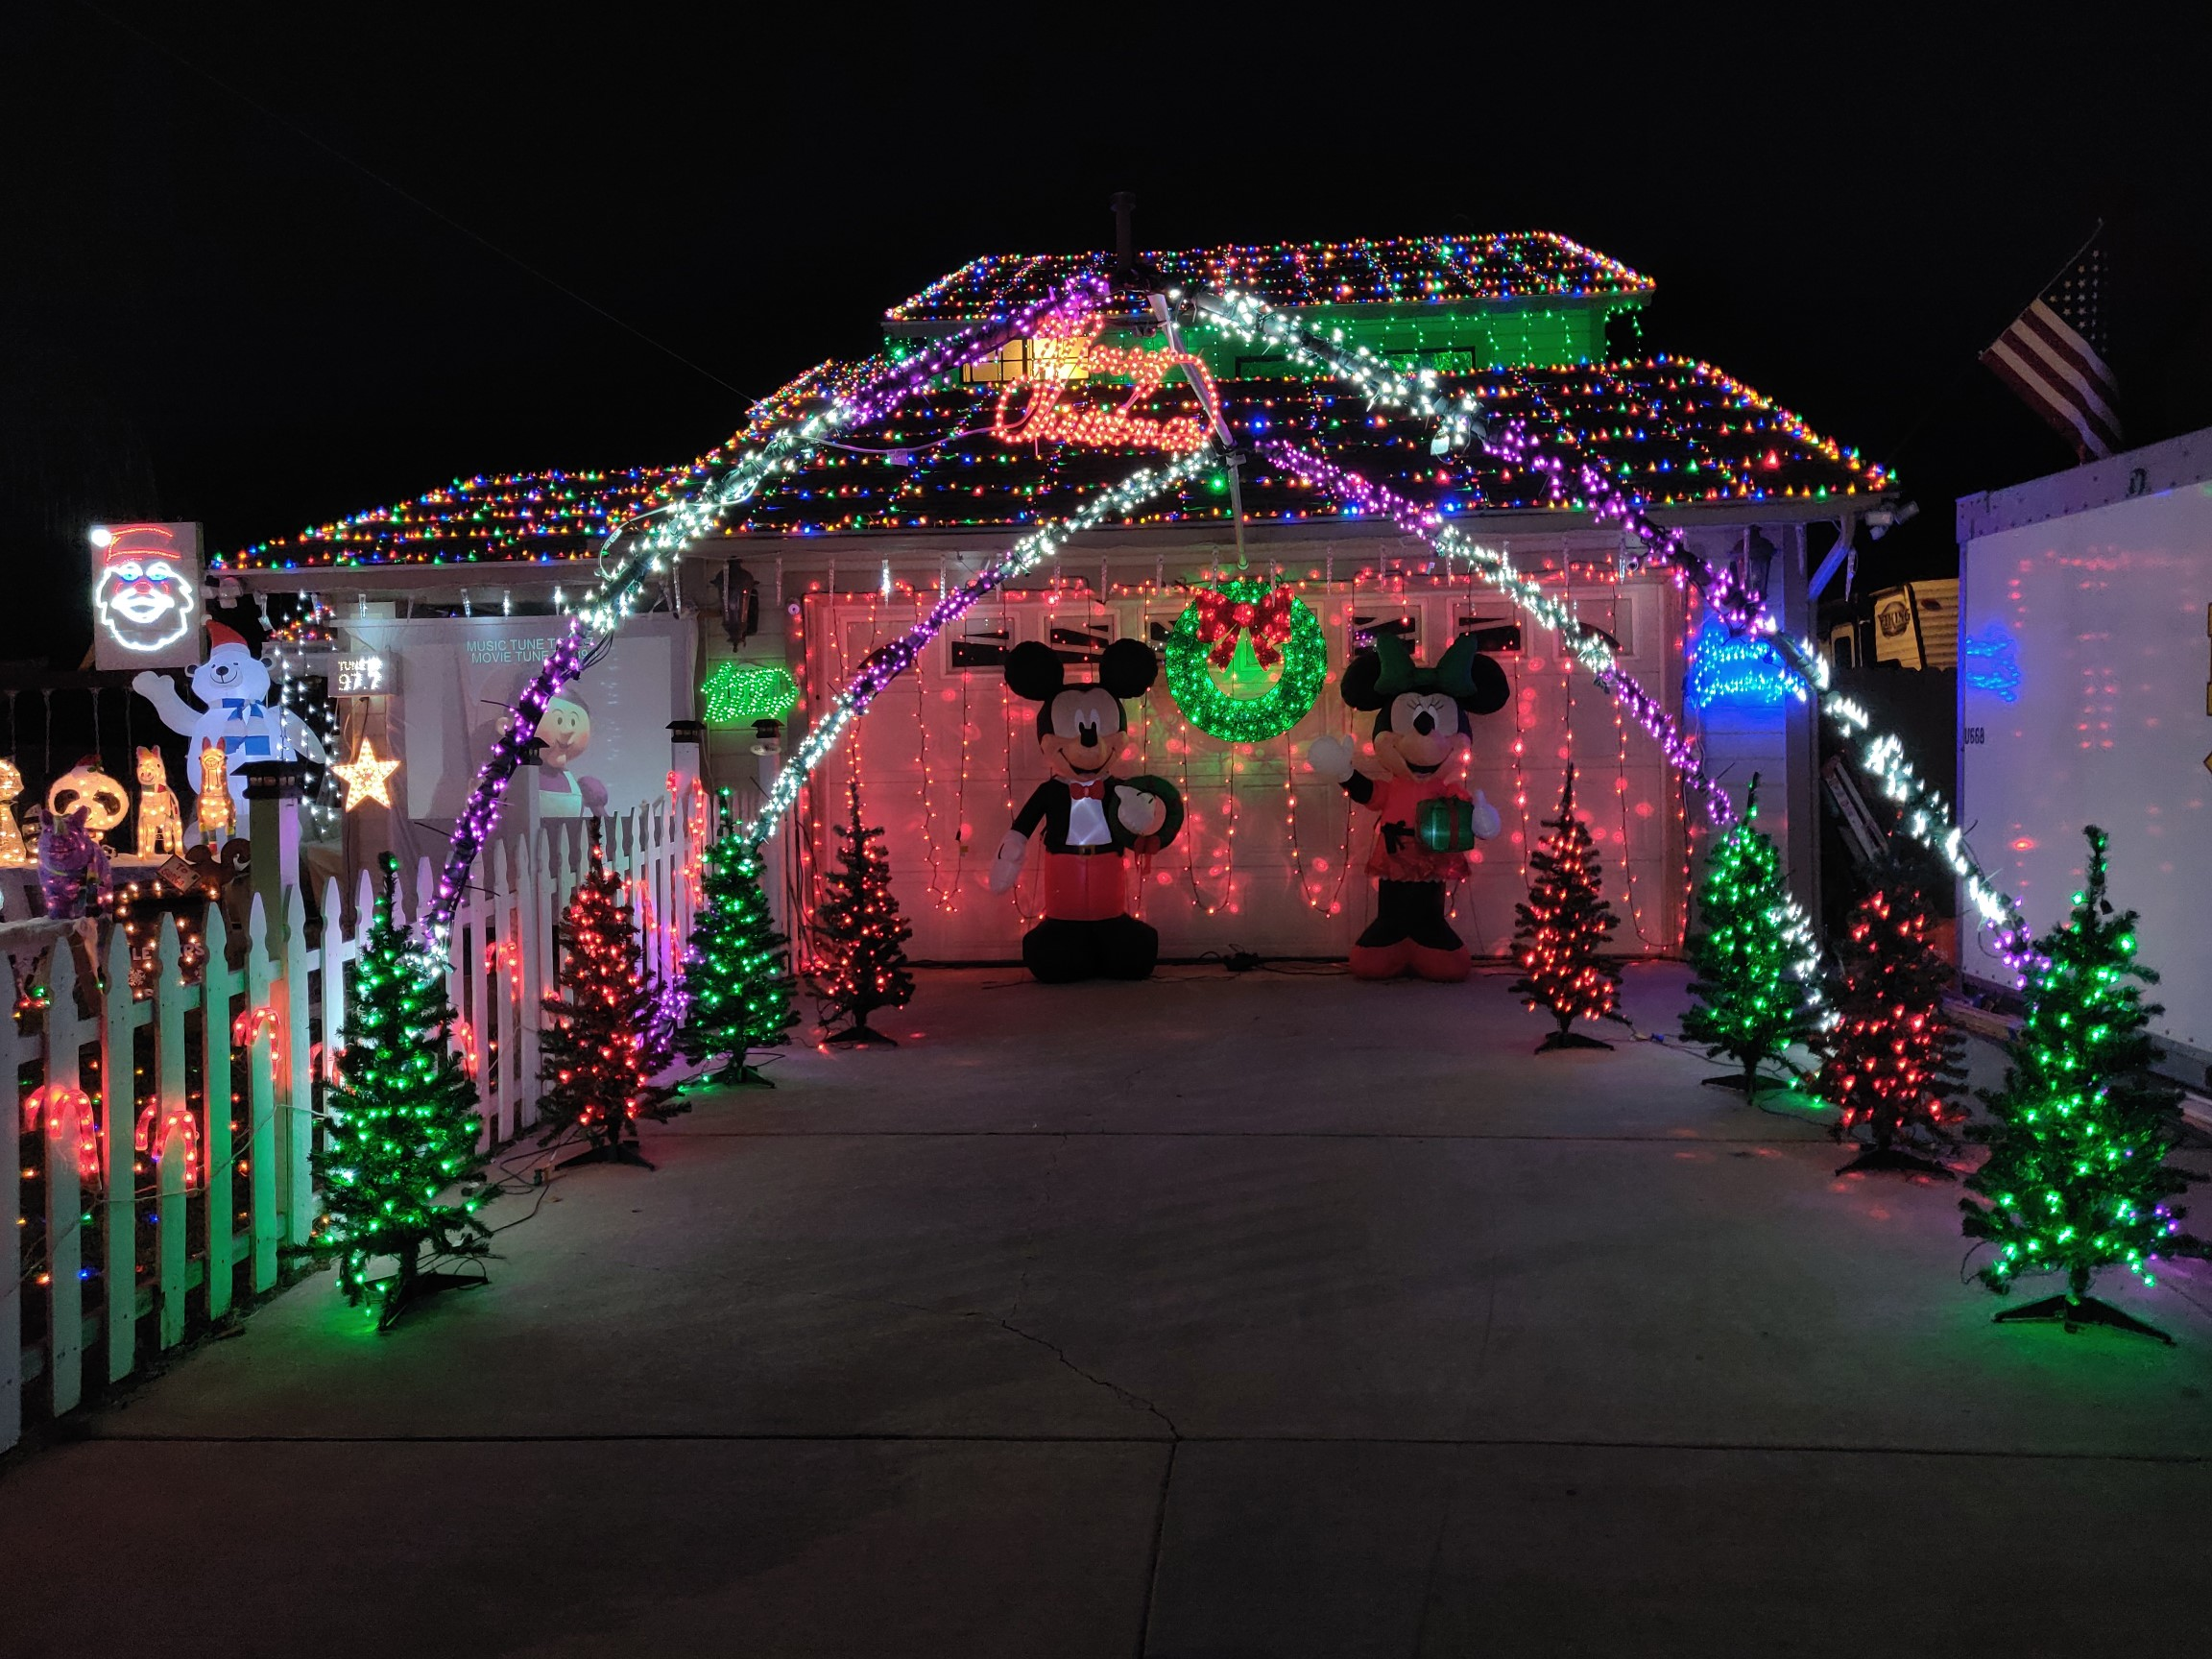 Jingle Bell Hill Christmas Lights Santee 2020 East County Christmas Lights